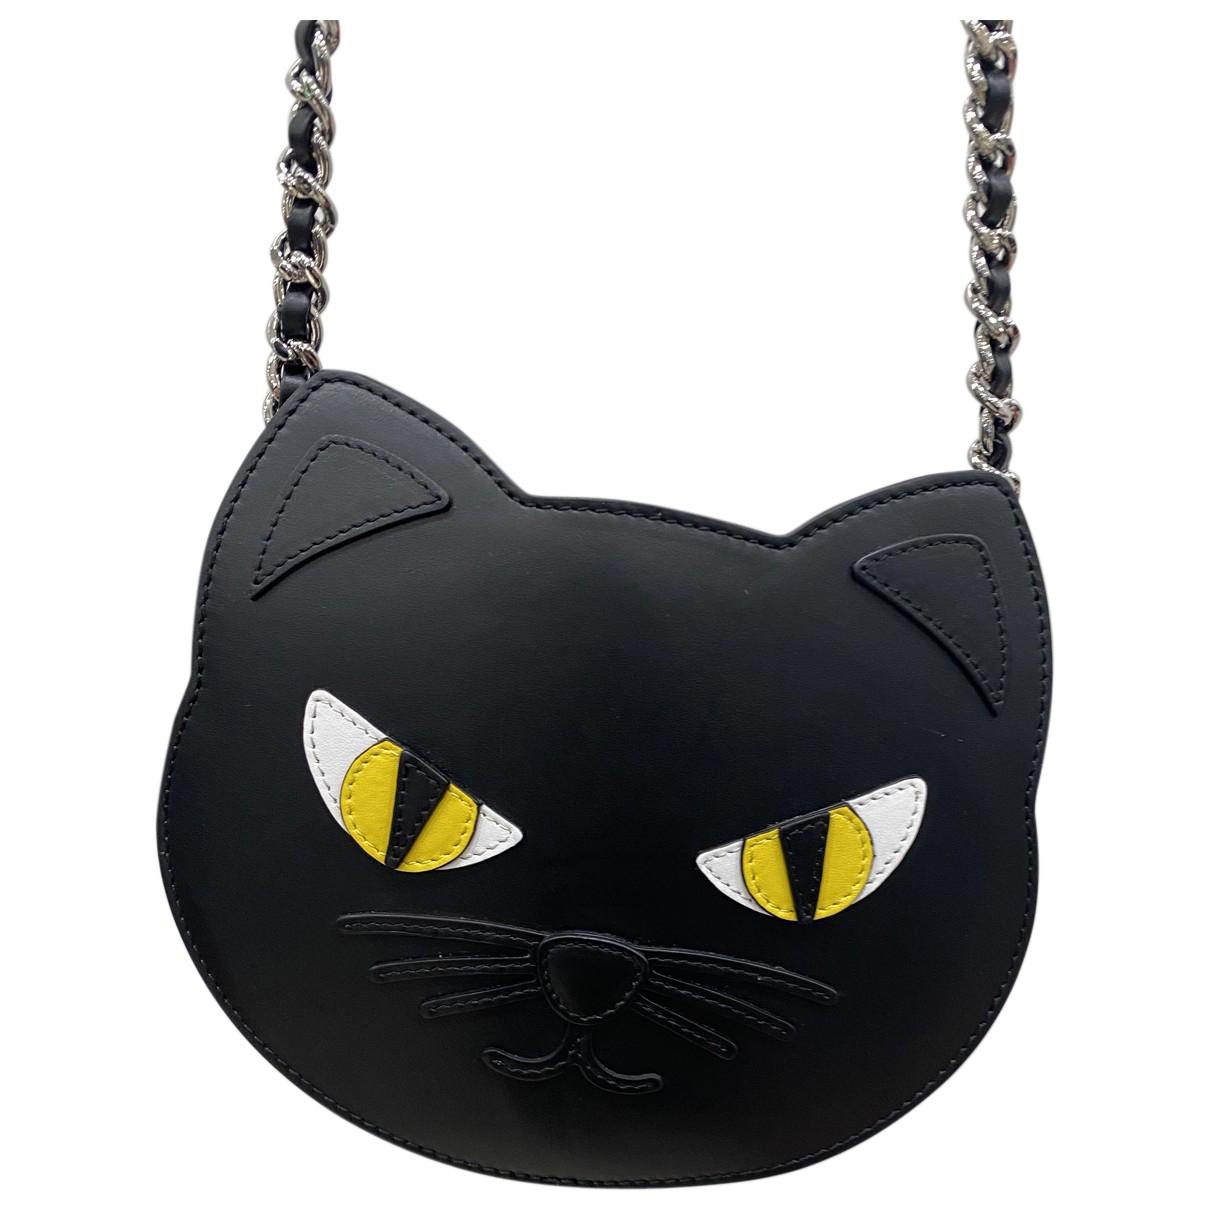 Moschino \N Handtasche in  Schwarz Leder